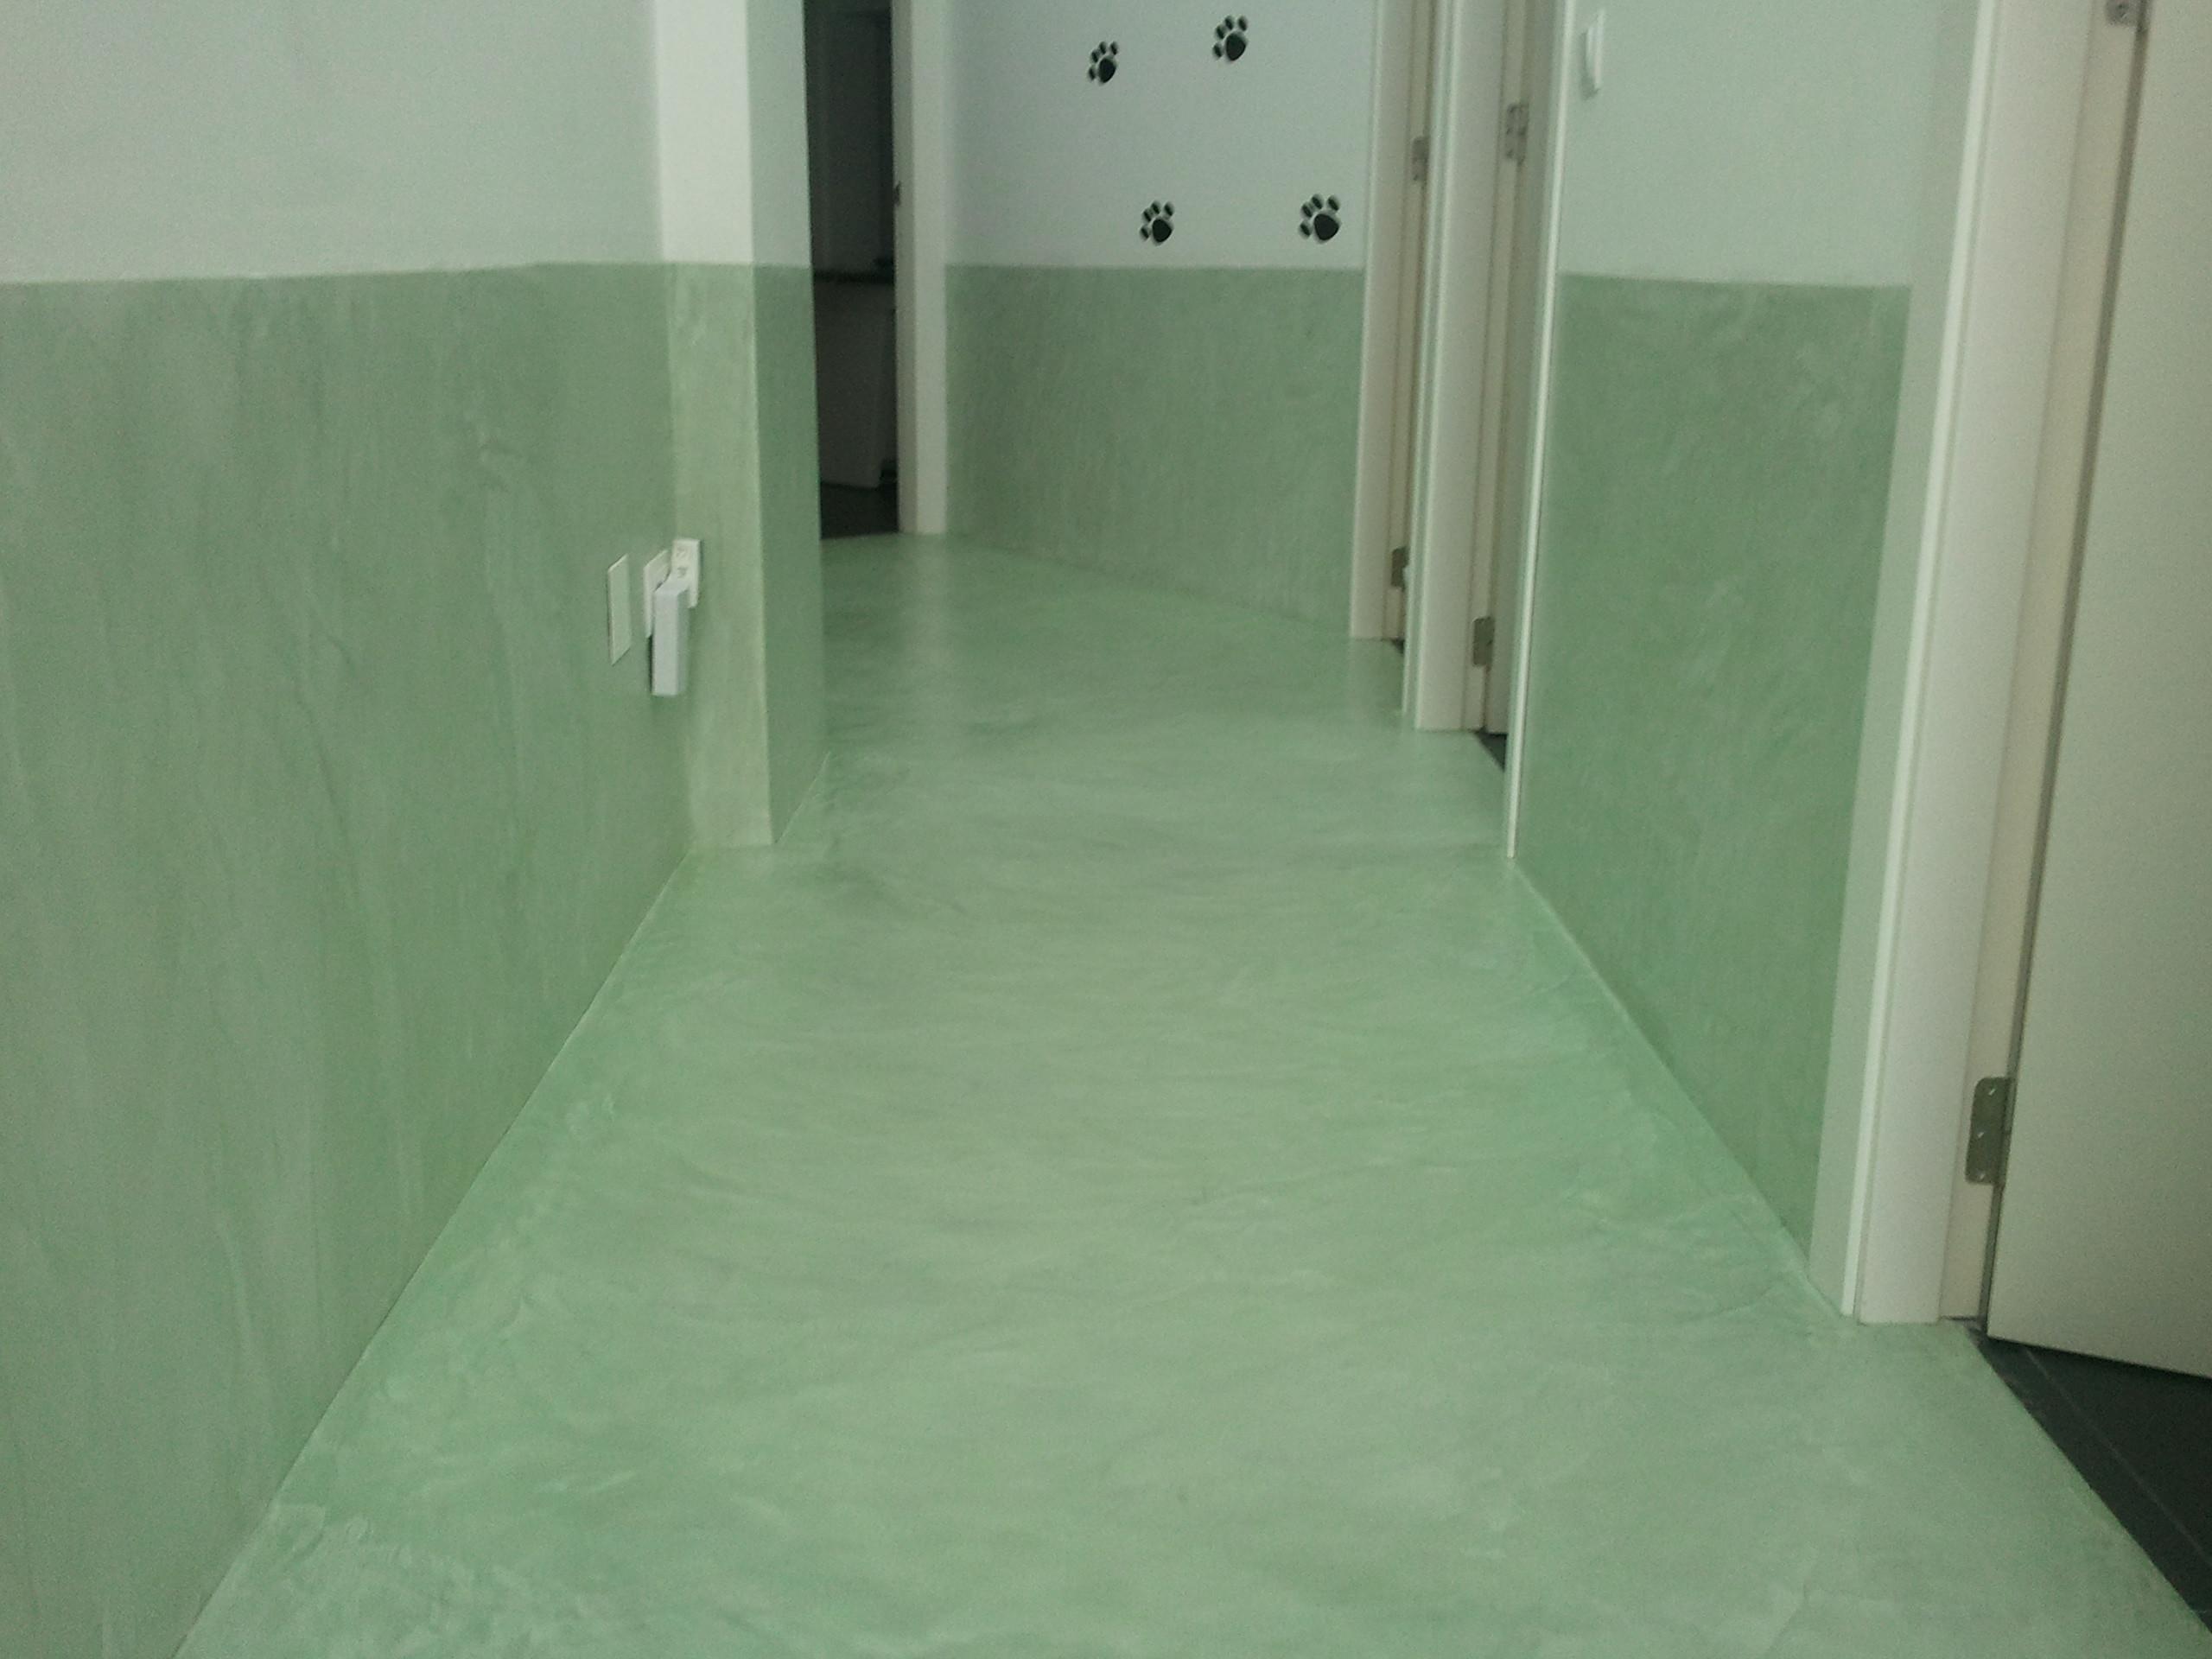 béton ciré-vert-sol-mur-clinique